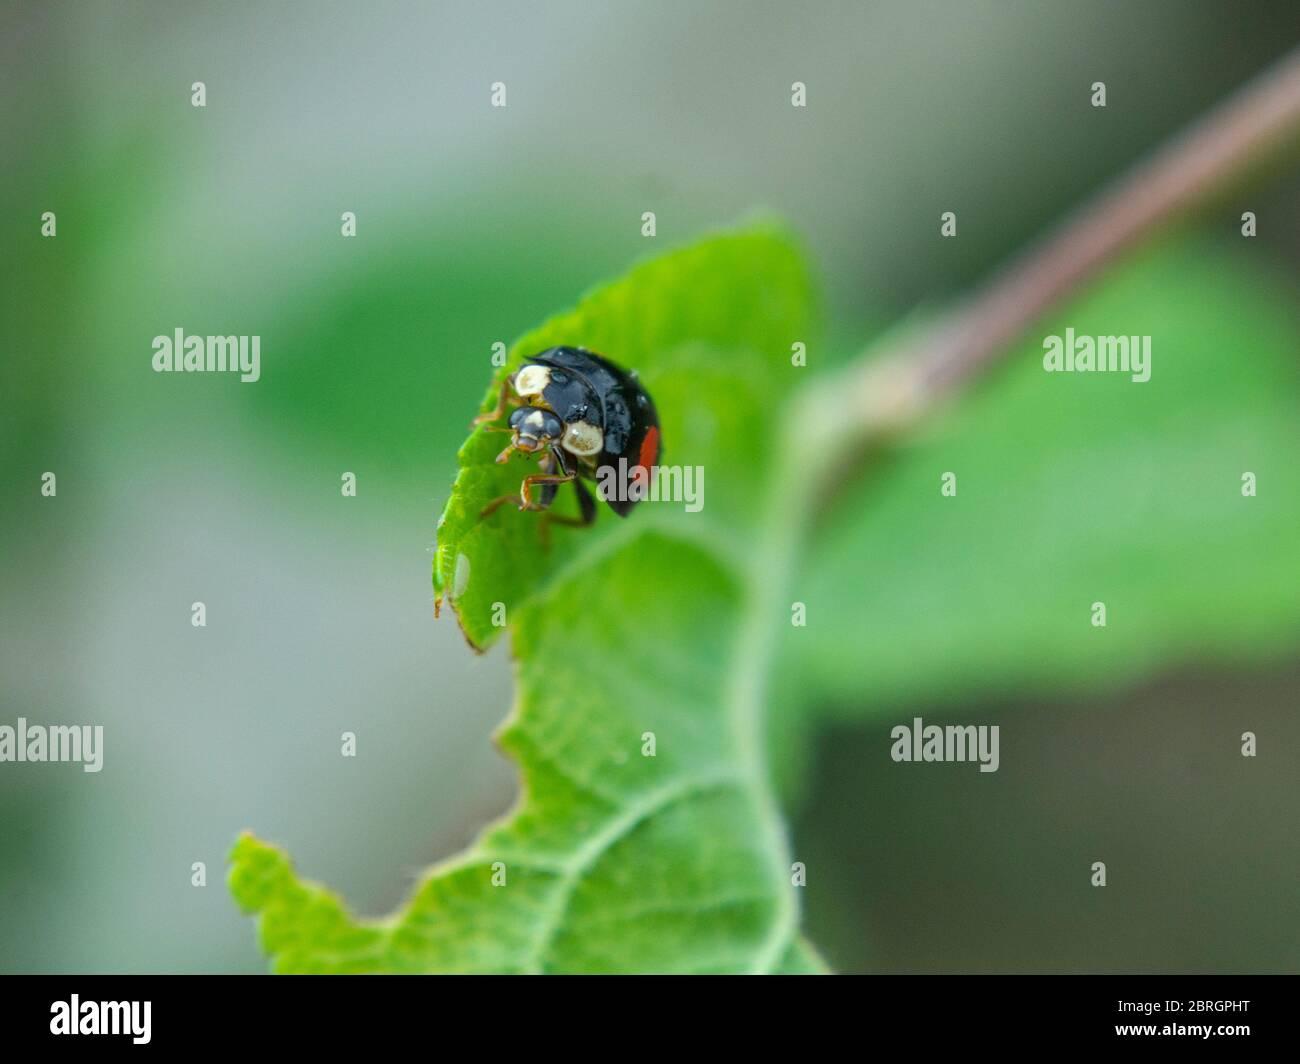 Asian ladybeetle on leaf,  Harmonia axyridis, Harlequin ladybird Stock Photo